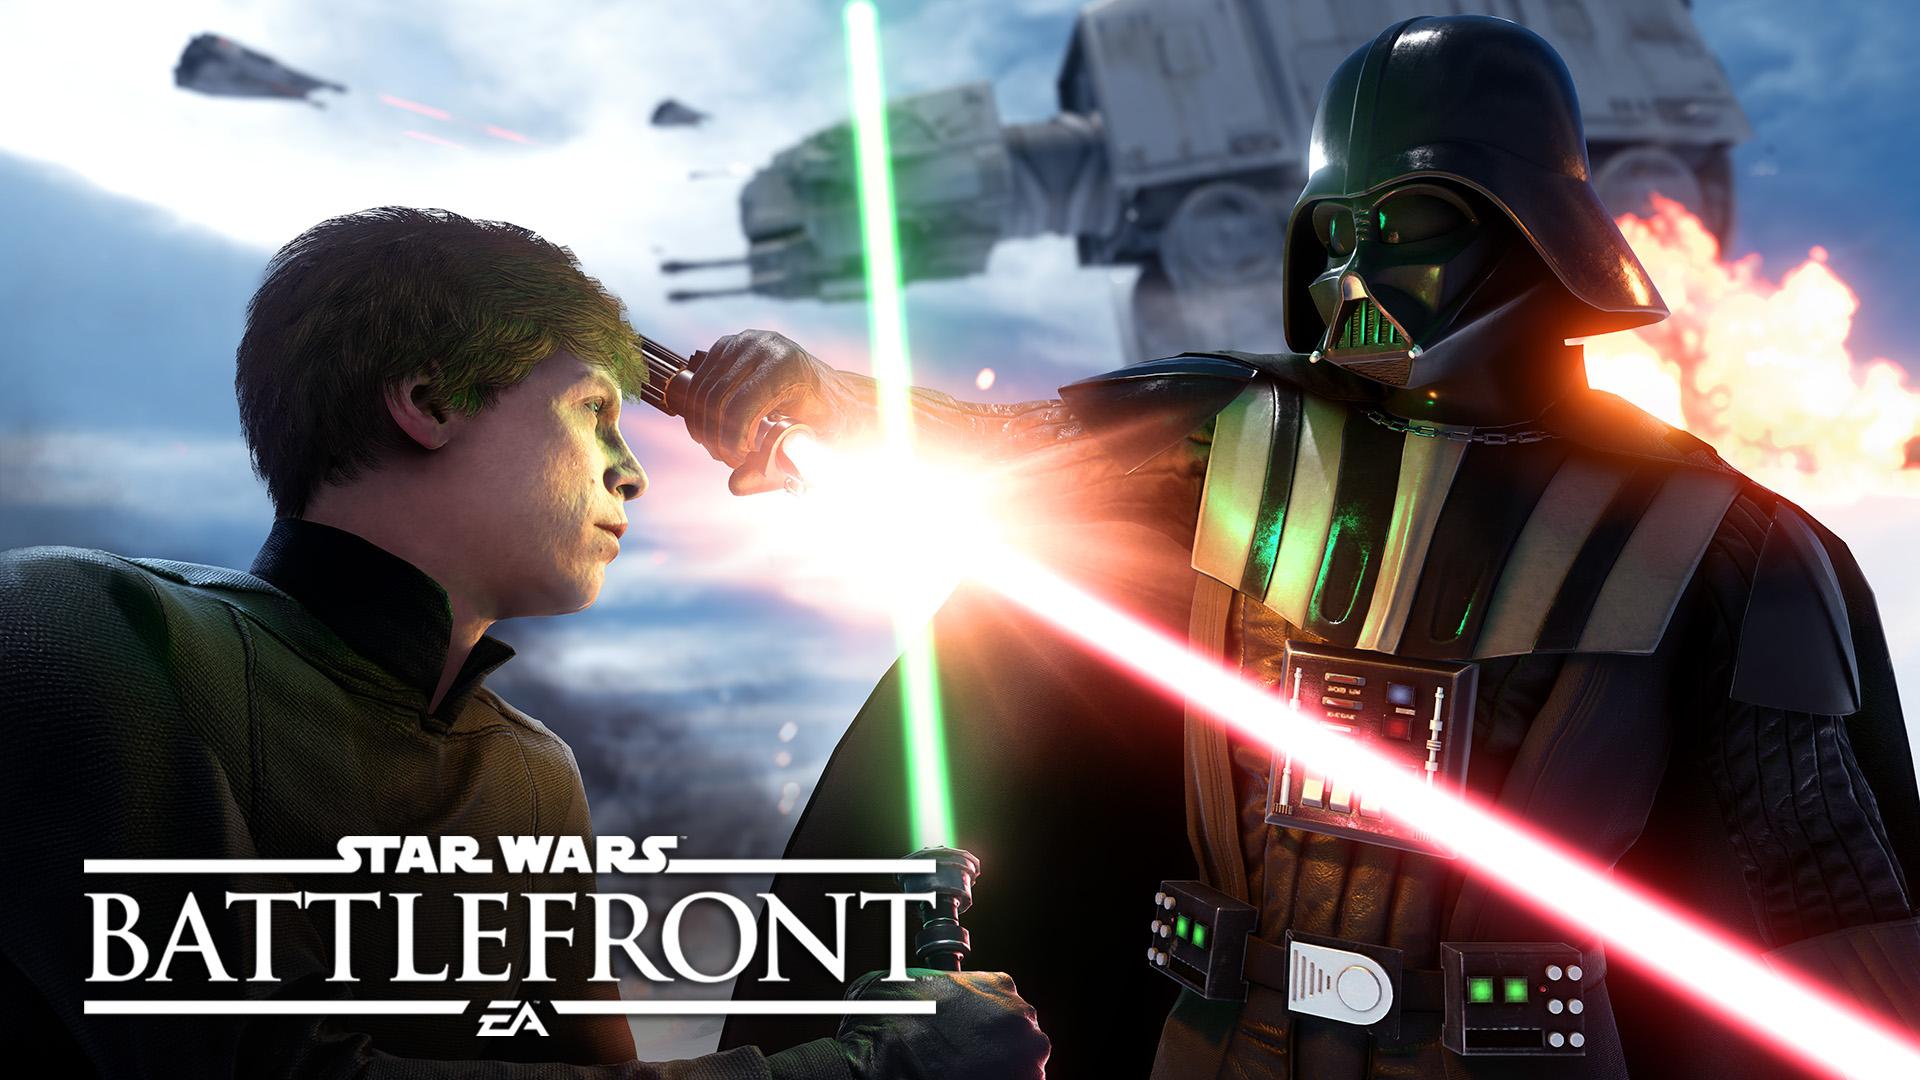 Star Wars Battlefront luke vs vader